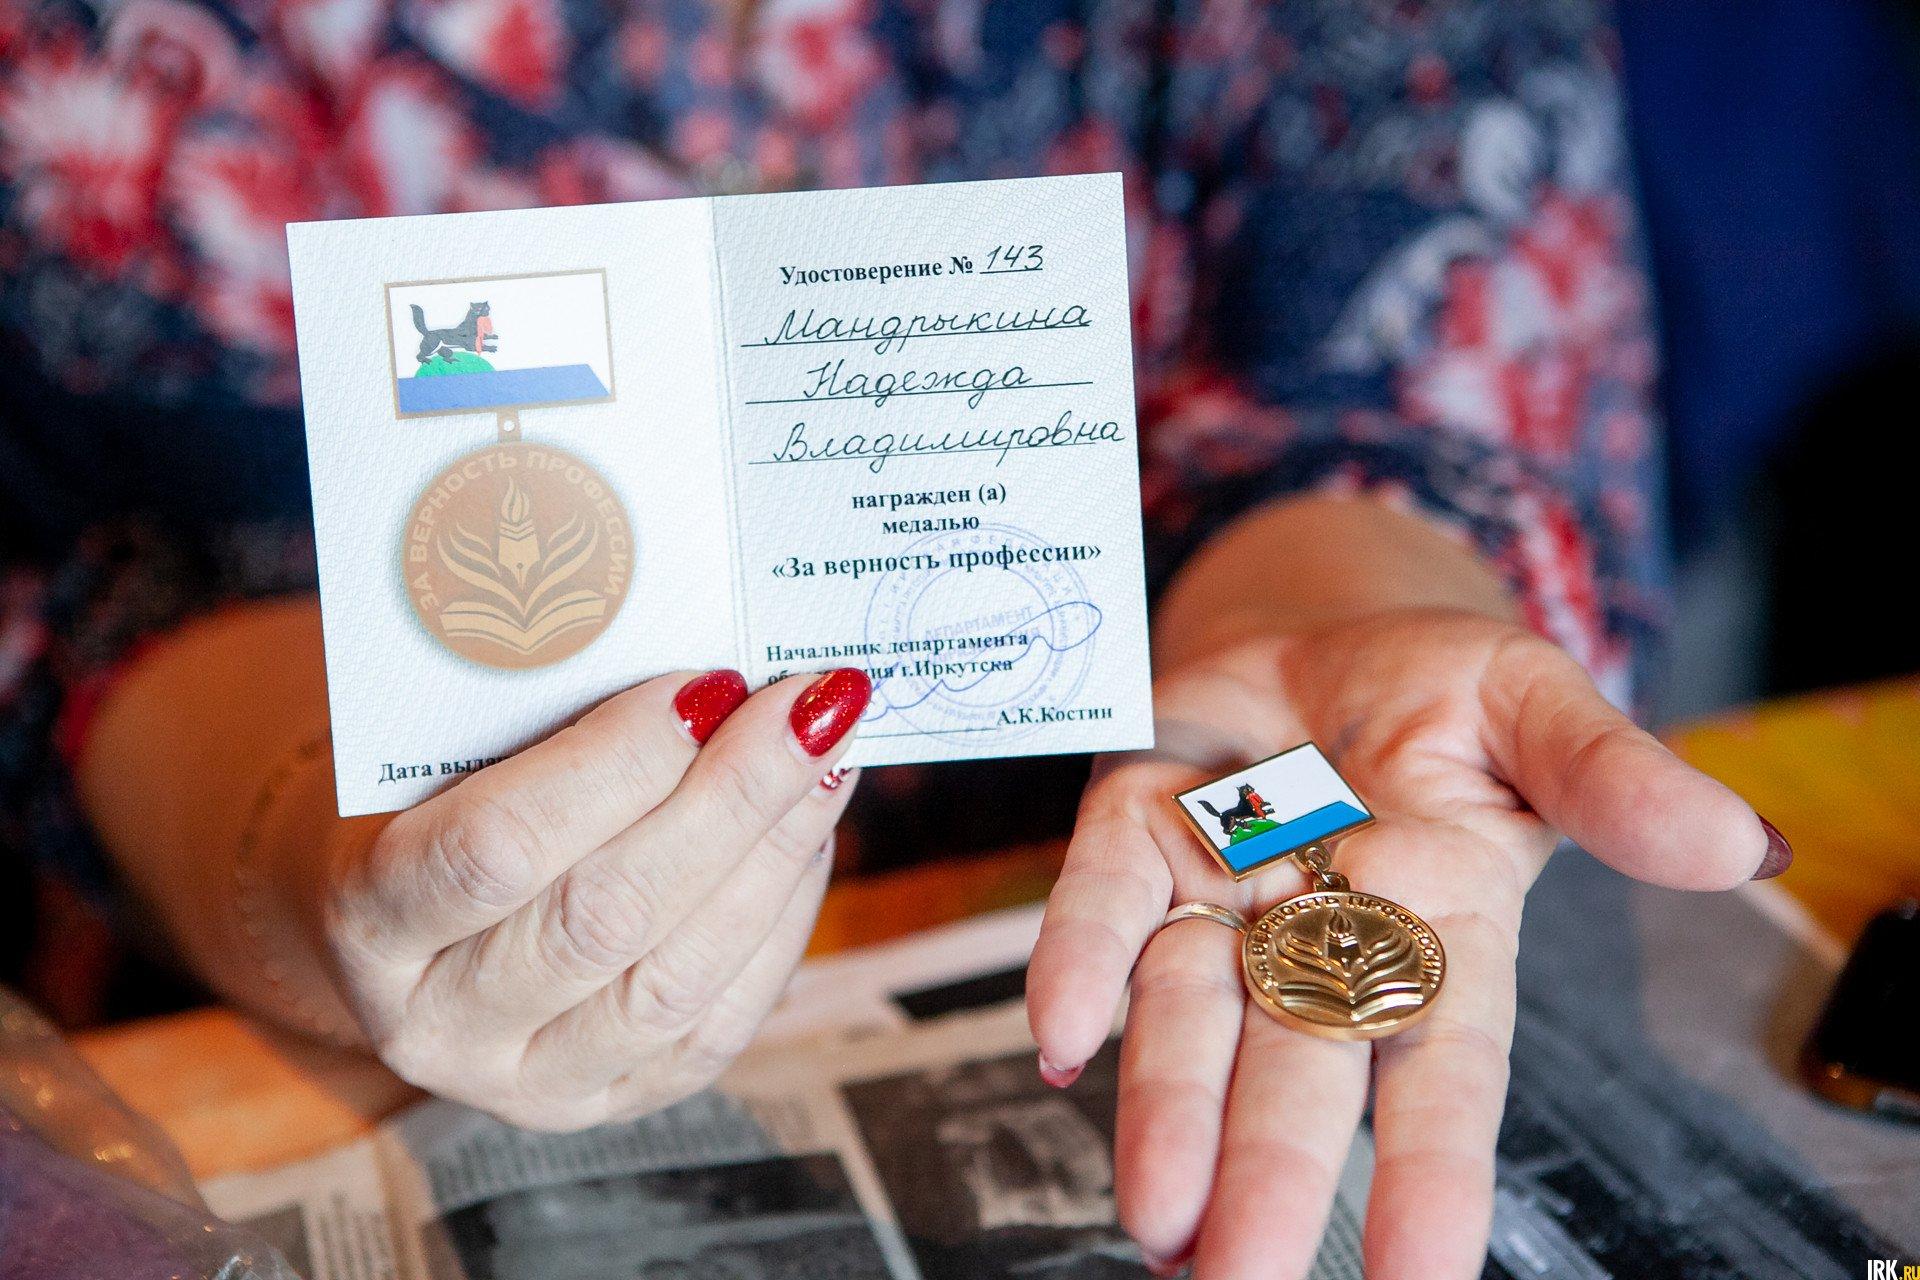 За долгие годы работы в школе Надежда Мандрыкина получила медаль